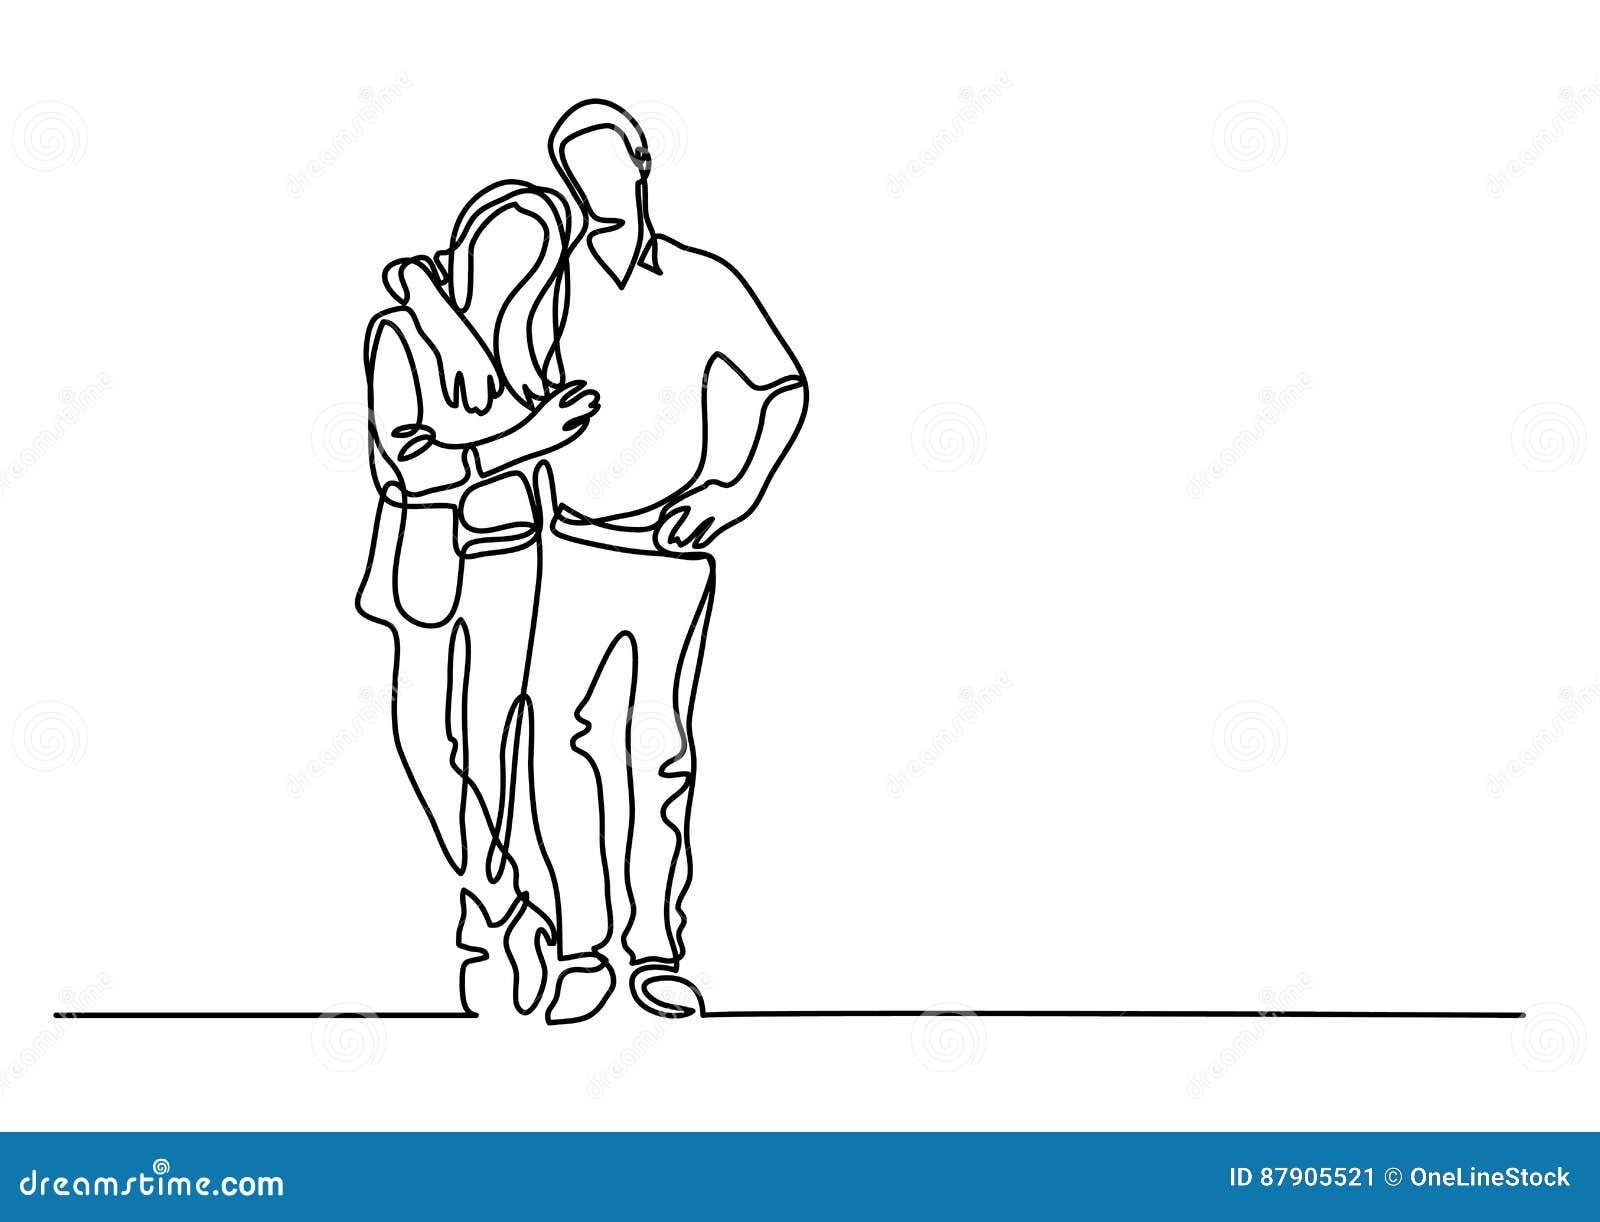 Dessin Au Trait Continu Des Couples Debout Illustration De